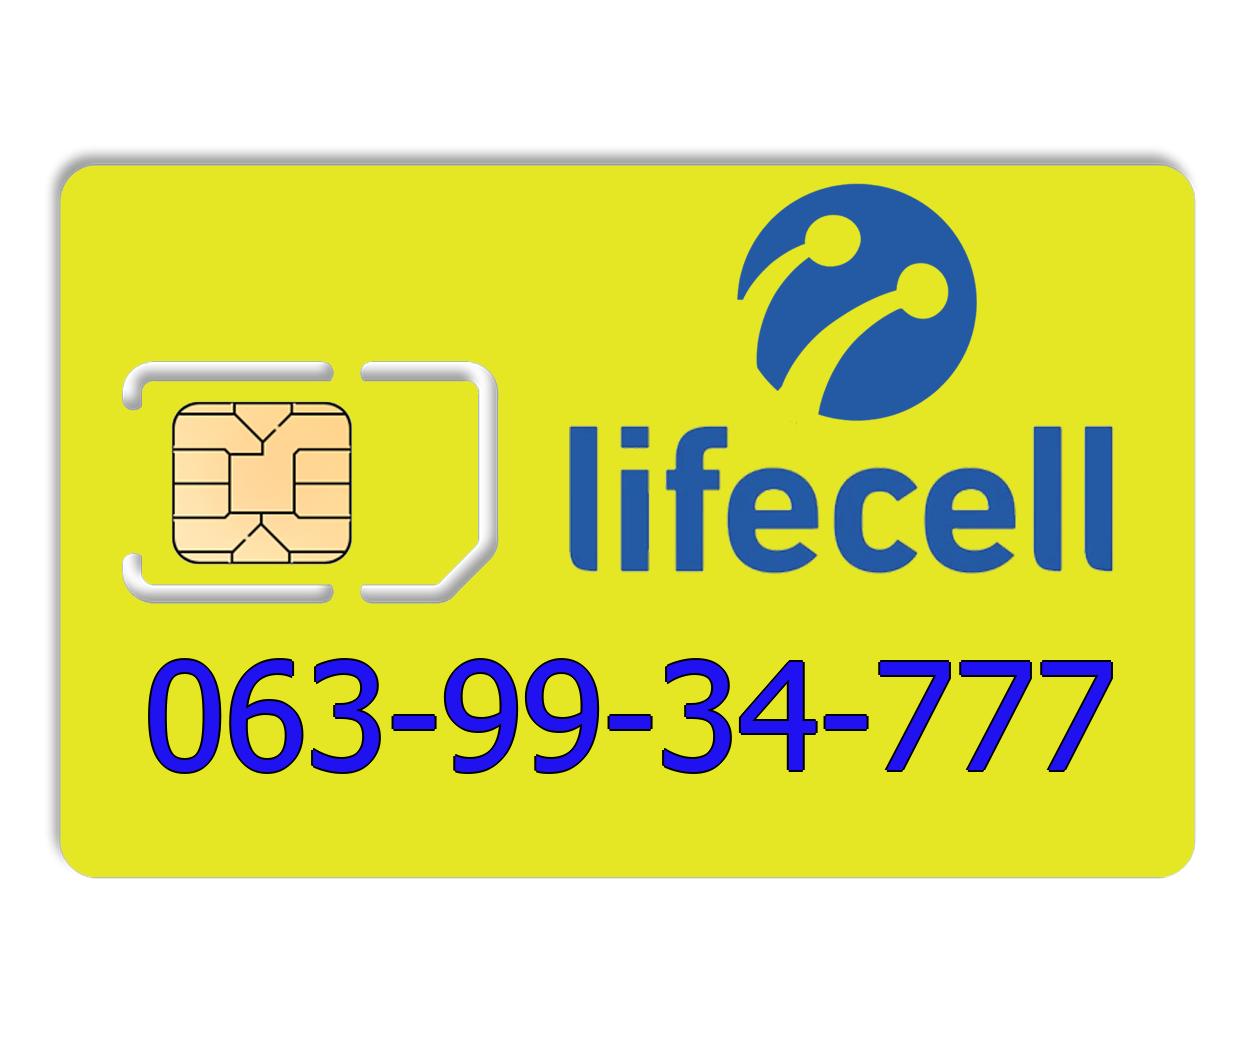 Красивый номер lifecell 063-99-34-777